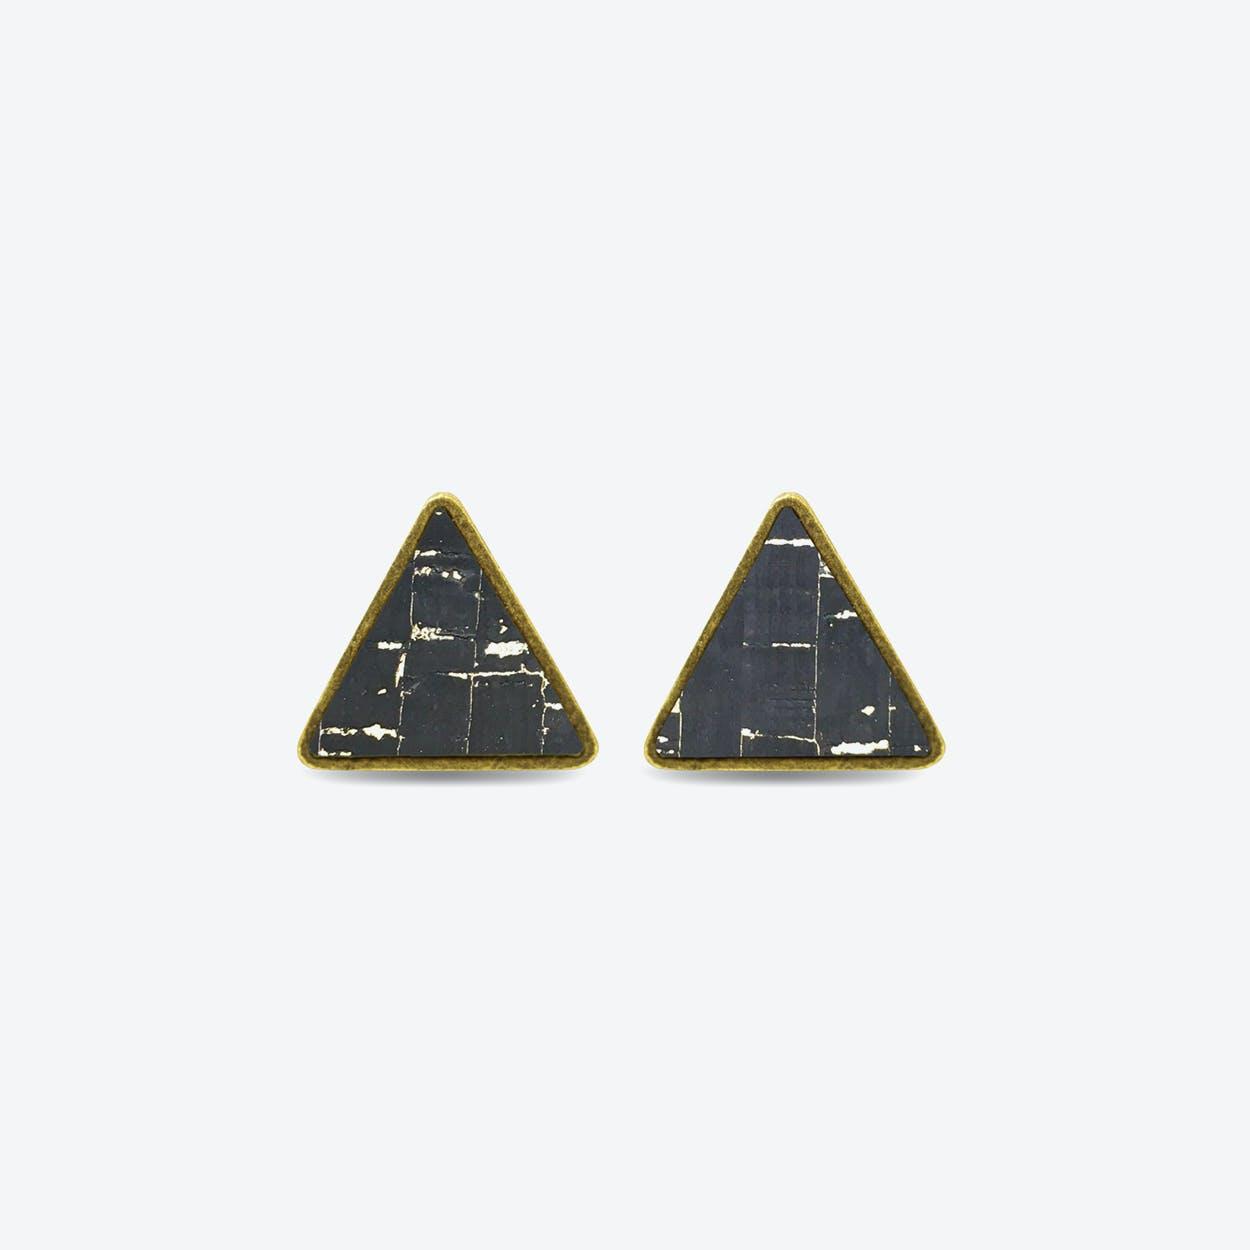 Cork Triangle Earrings in Black Sky